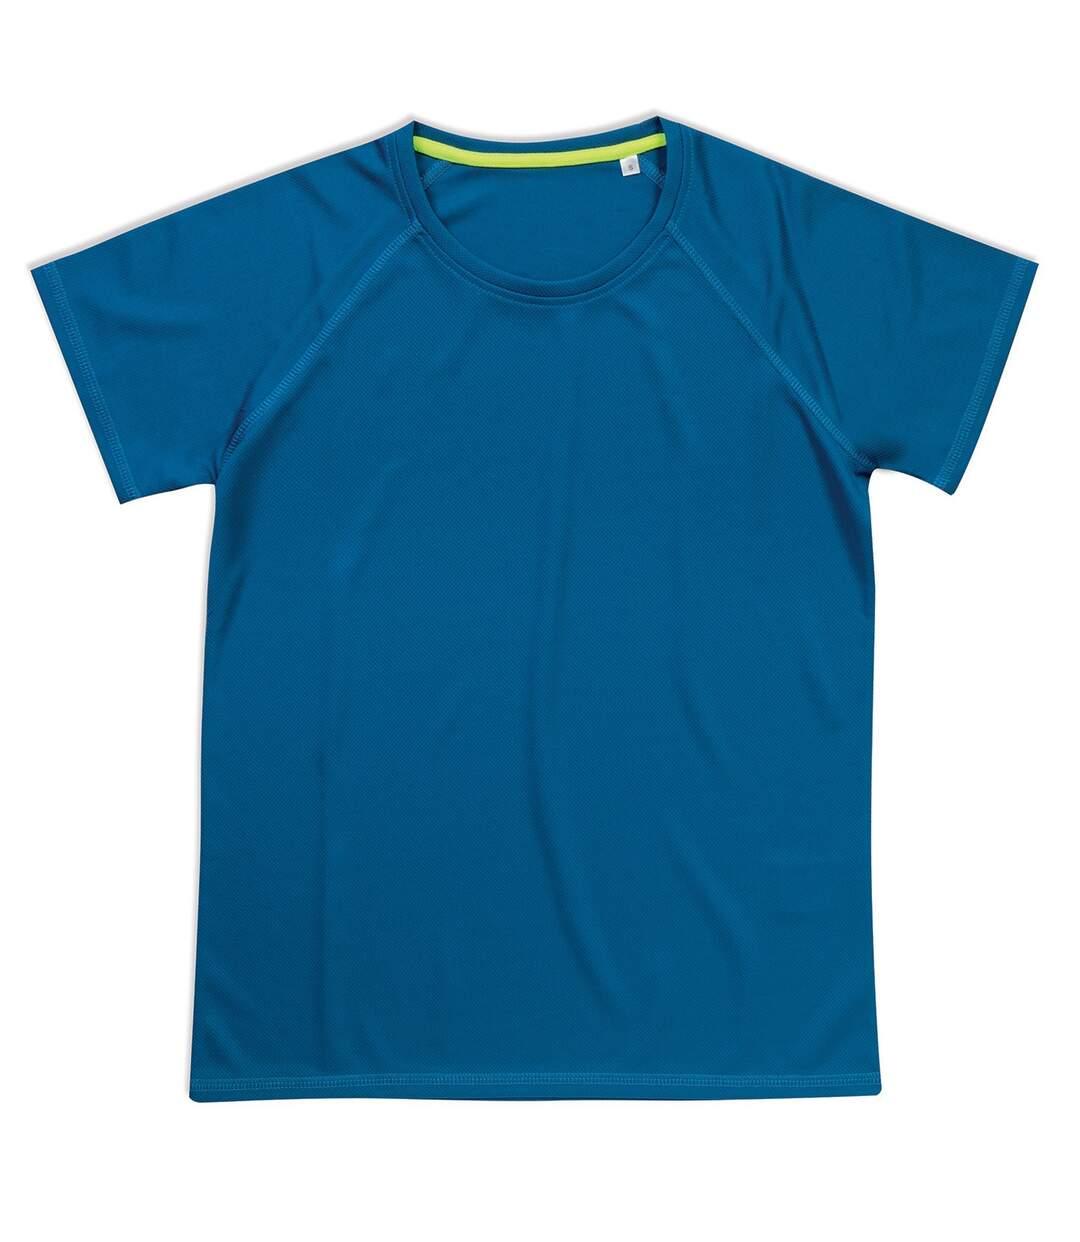 Stedman Womens/Ladies Raglan Mesh T-Shirt (Blue) - UTAB347